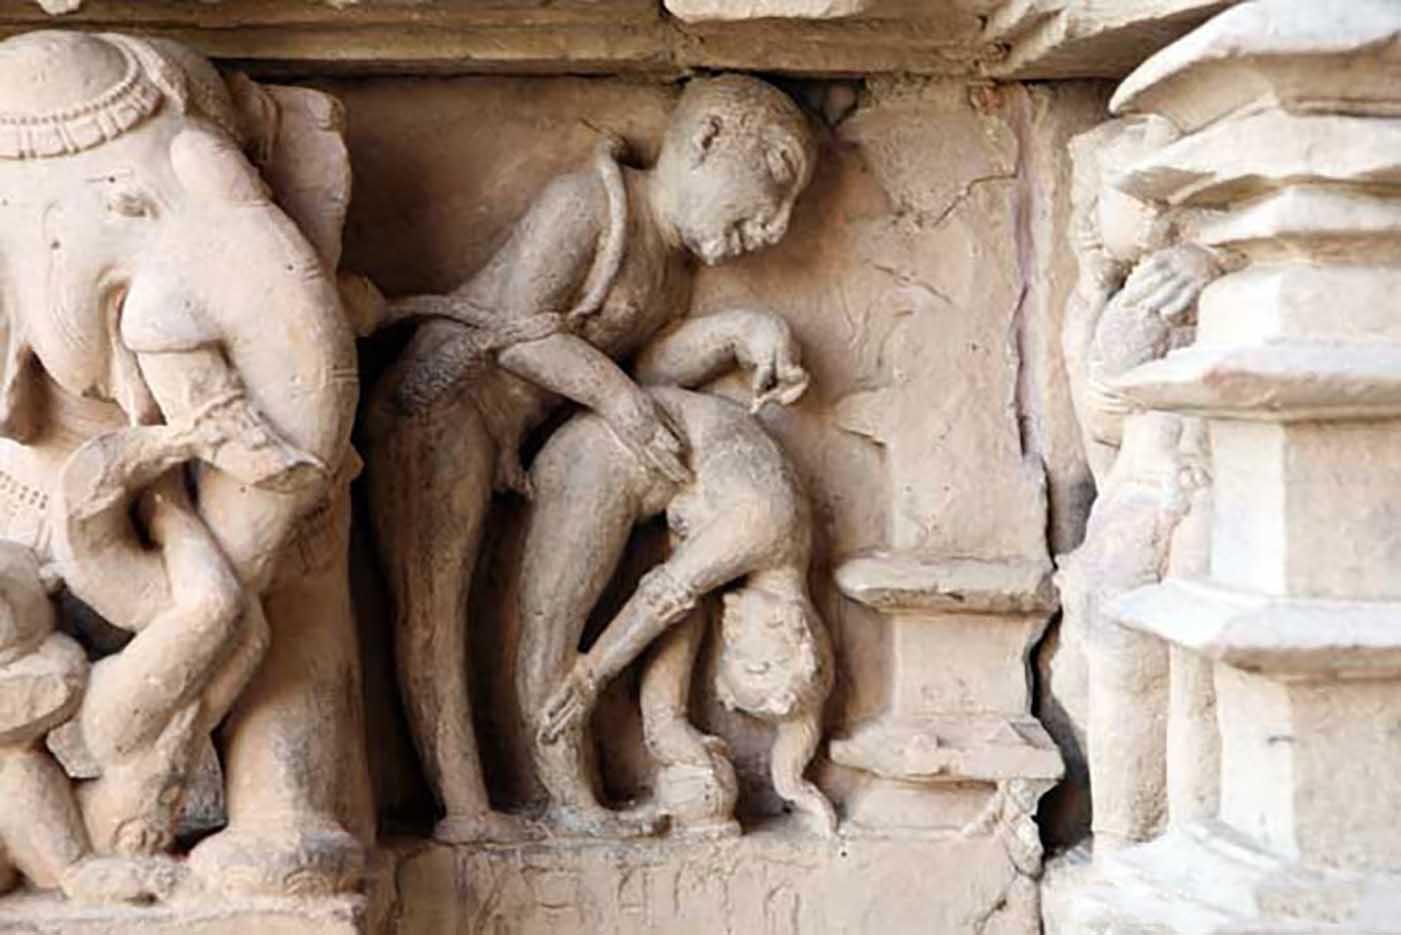 Храмы Кхаджурахо, Khajuraho Temples - 51